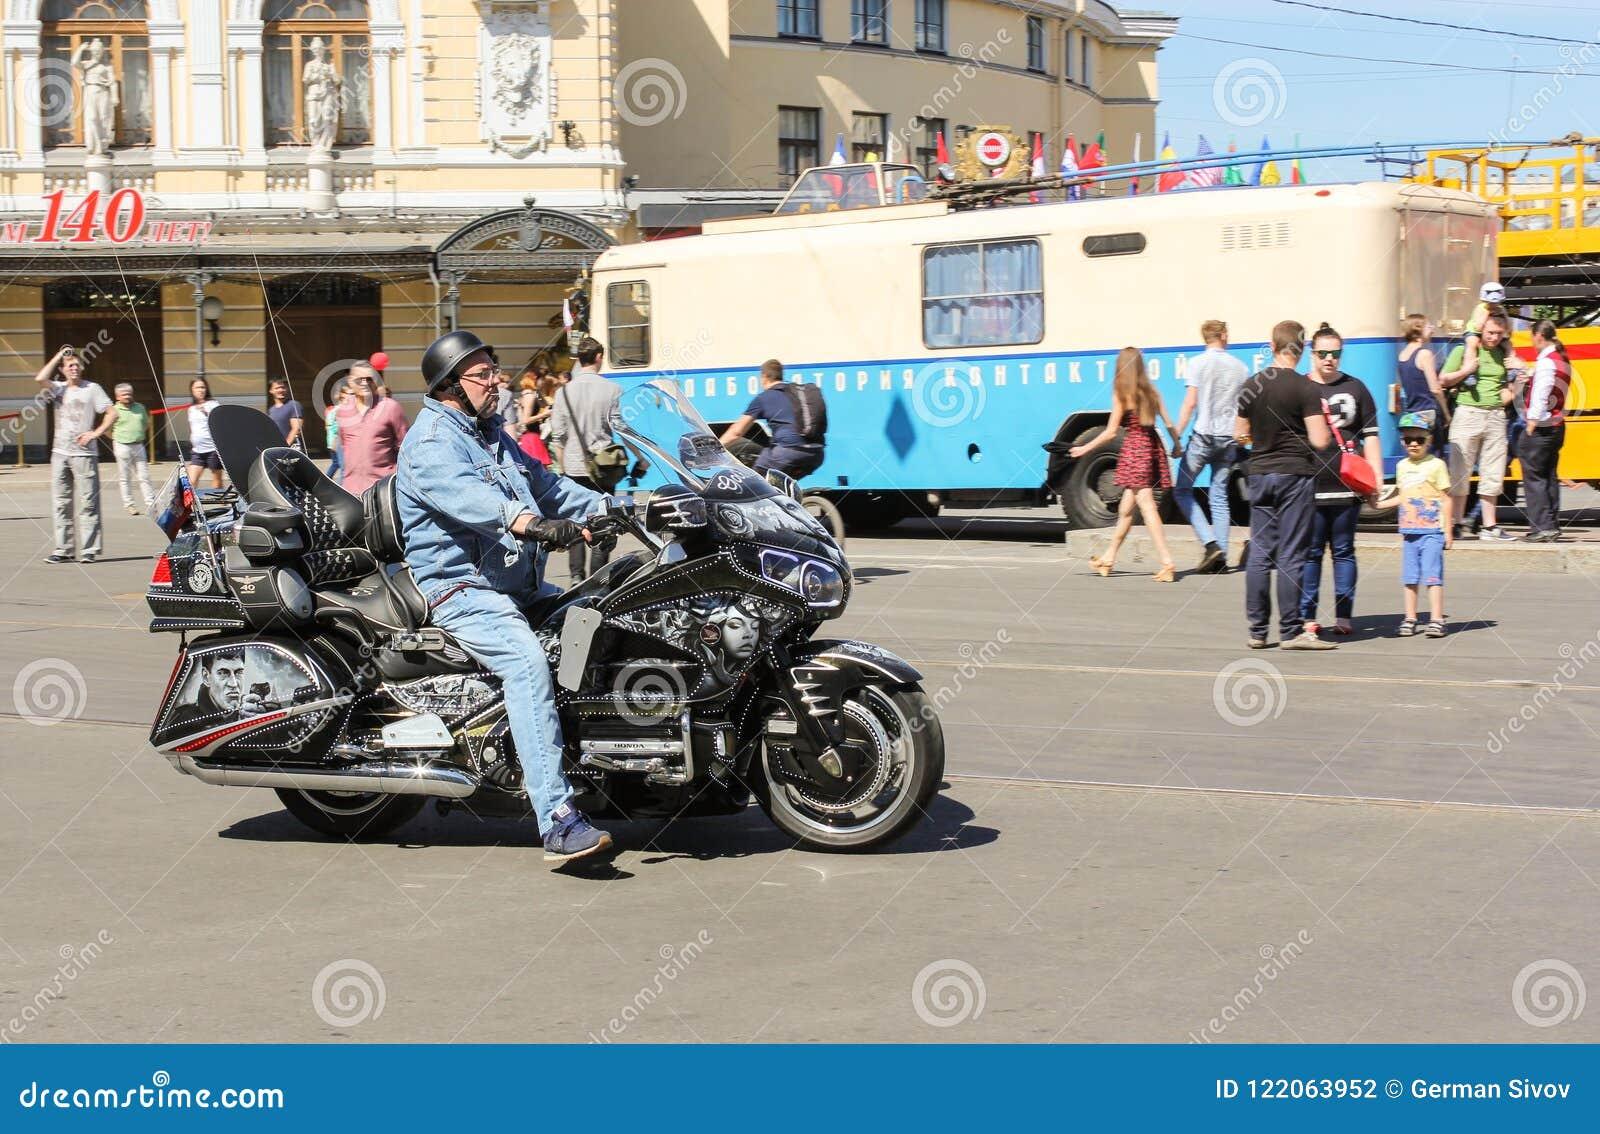 Motociclista su un motociclo con airbrushing